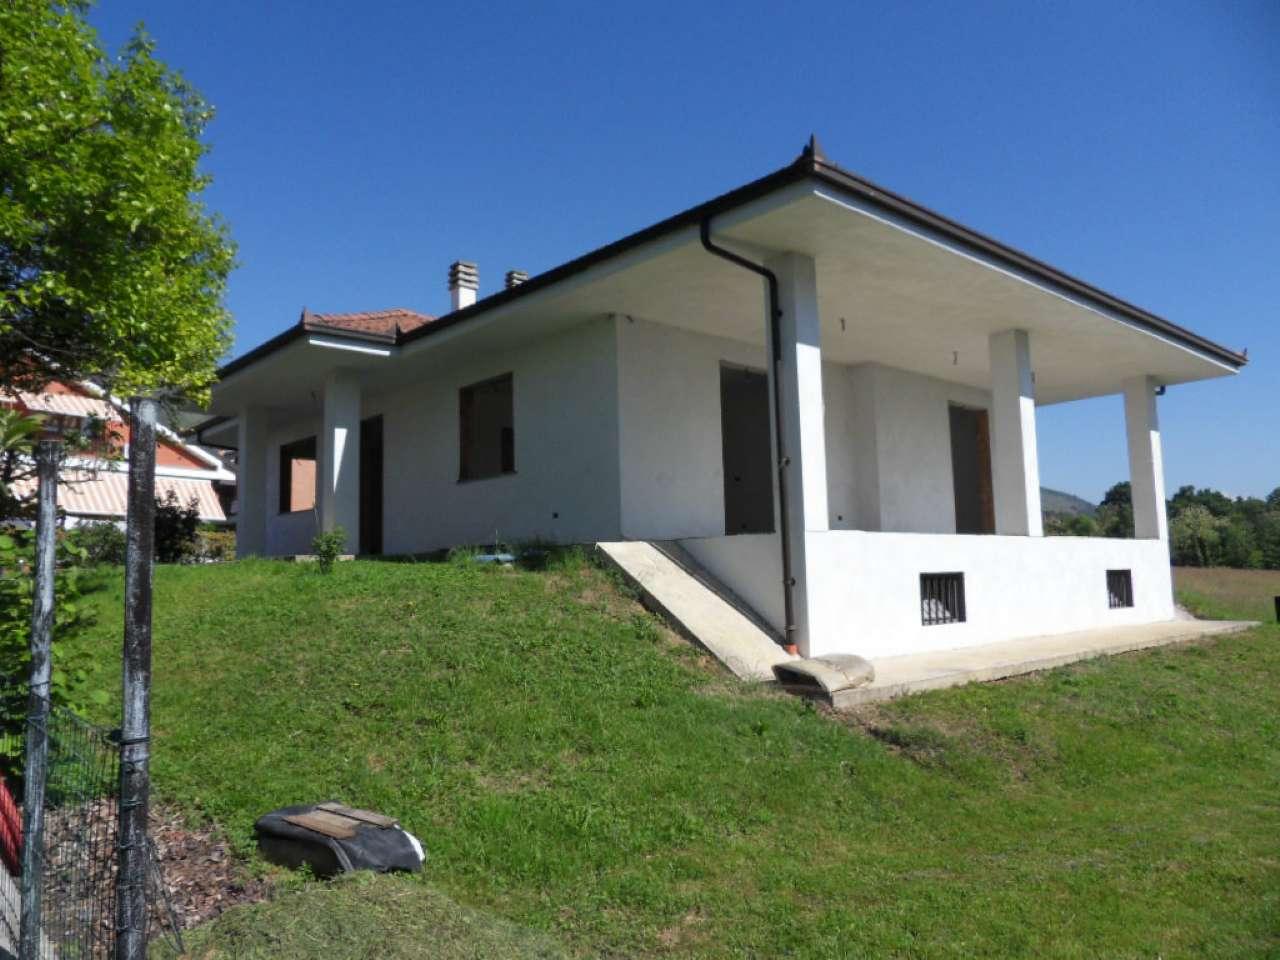 Villa in vendita a Givoletto, 4 locali, prezzo € 252.000 | CambioCasa.it